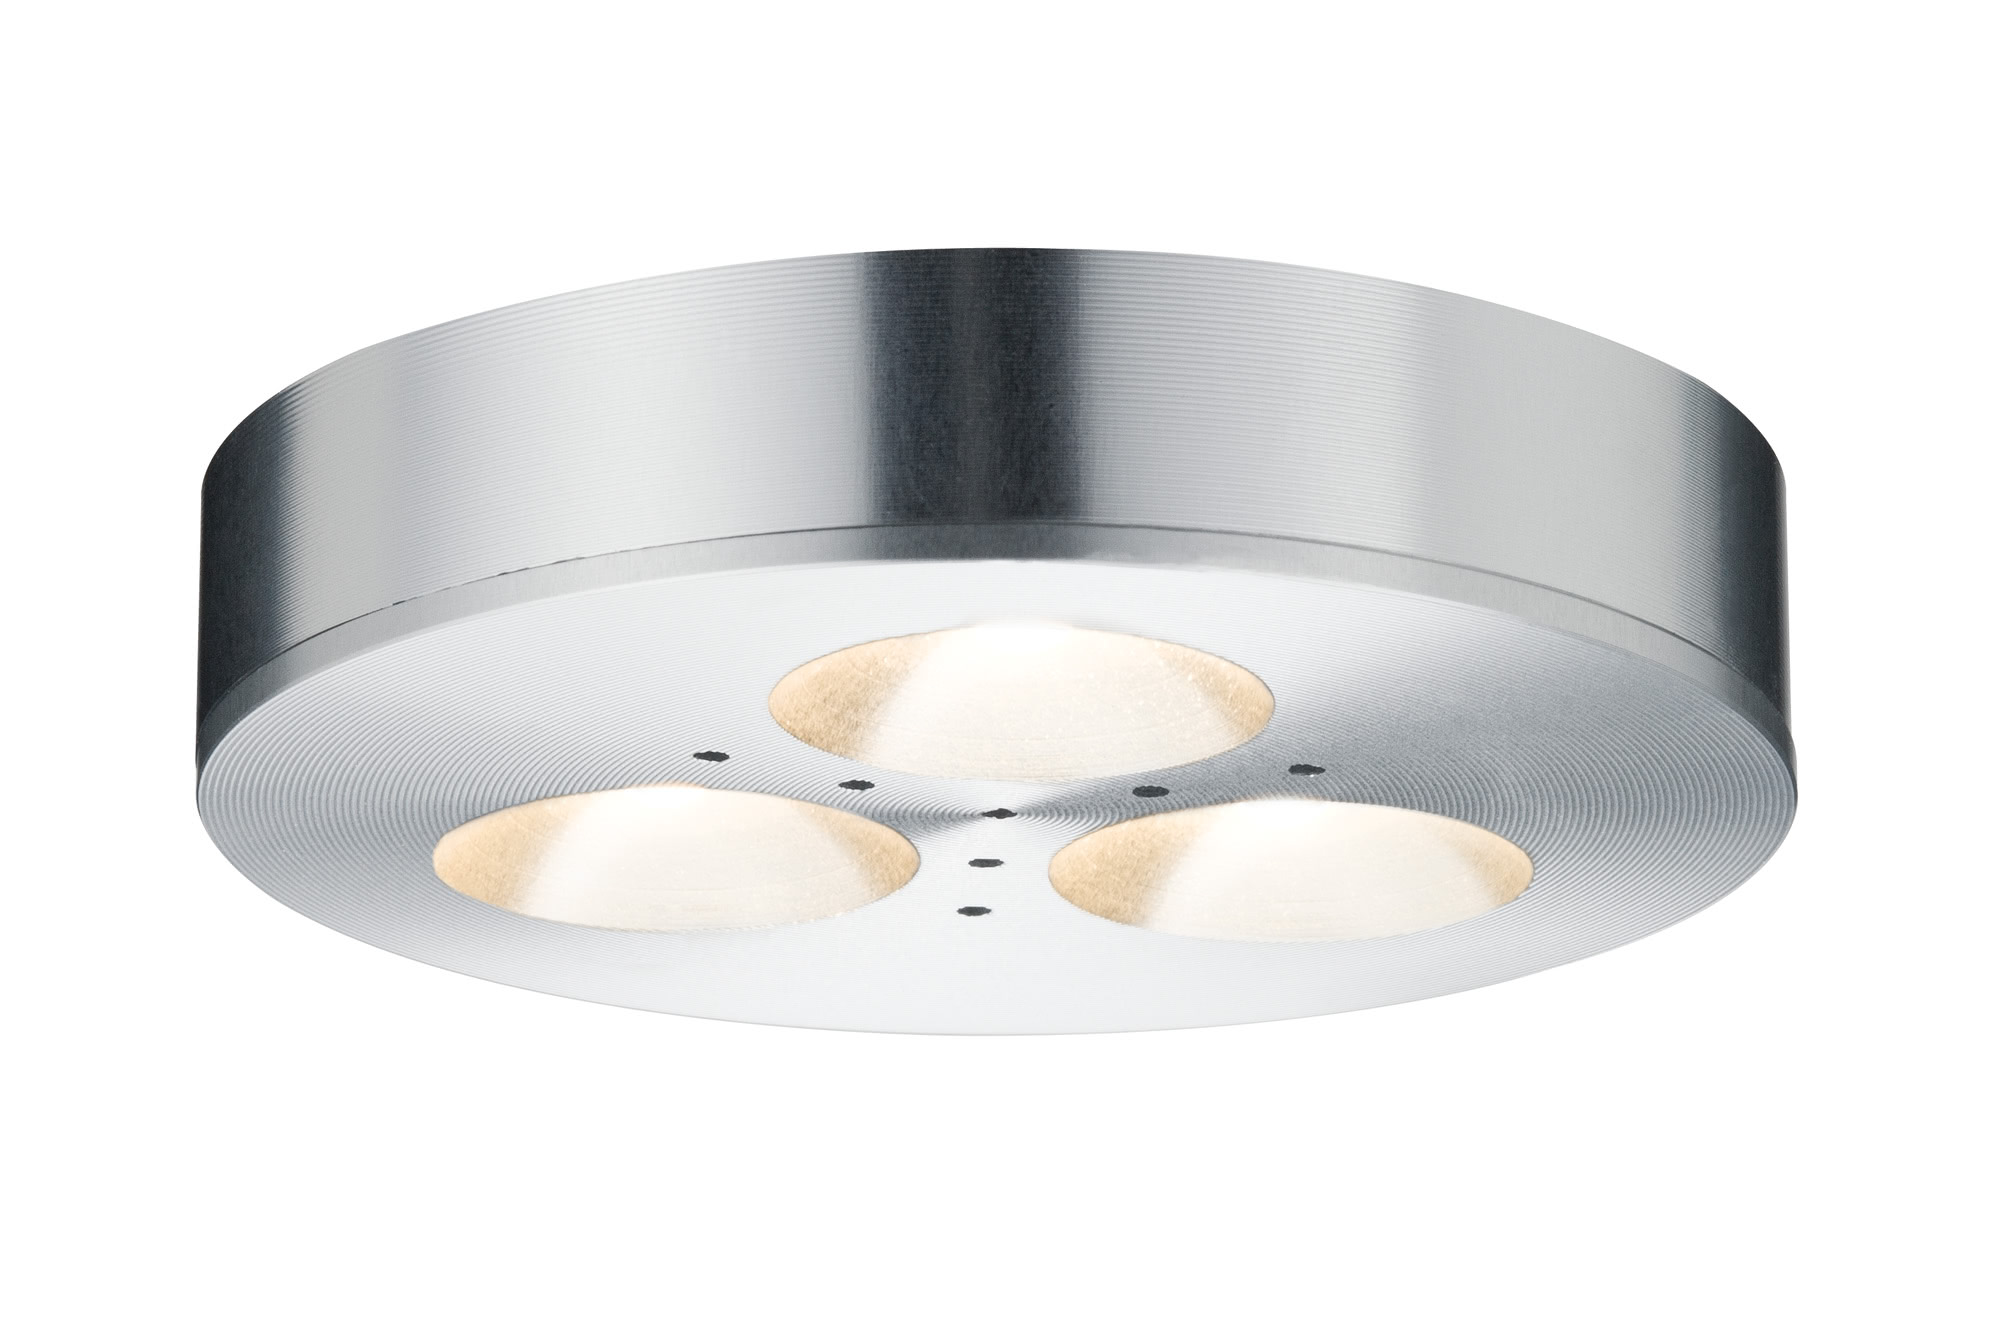 Paulmann. 92587 Светильник мебельный Plane LED 1х3W, алюминий